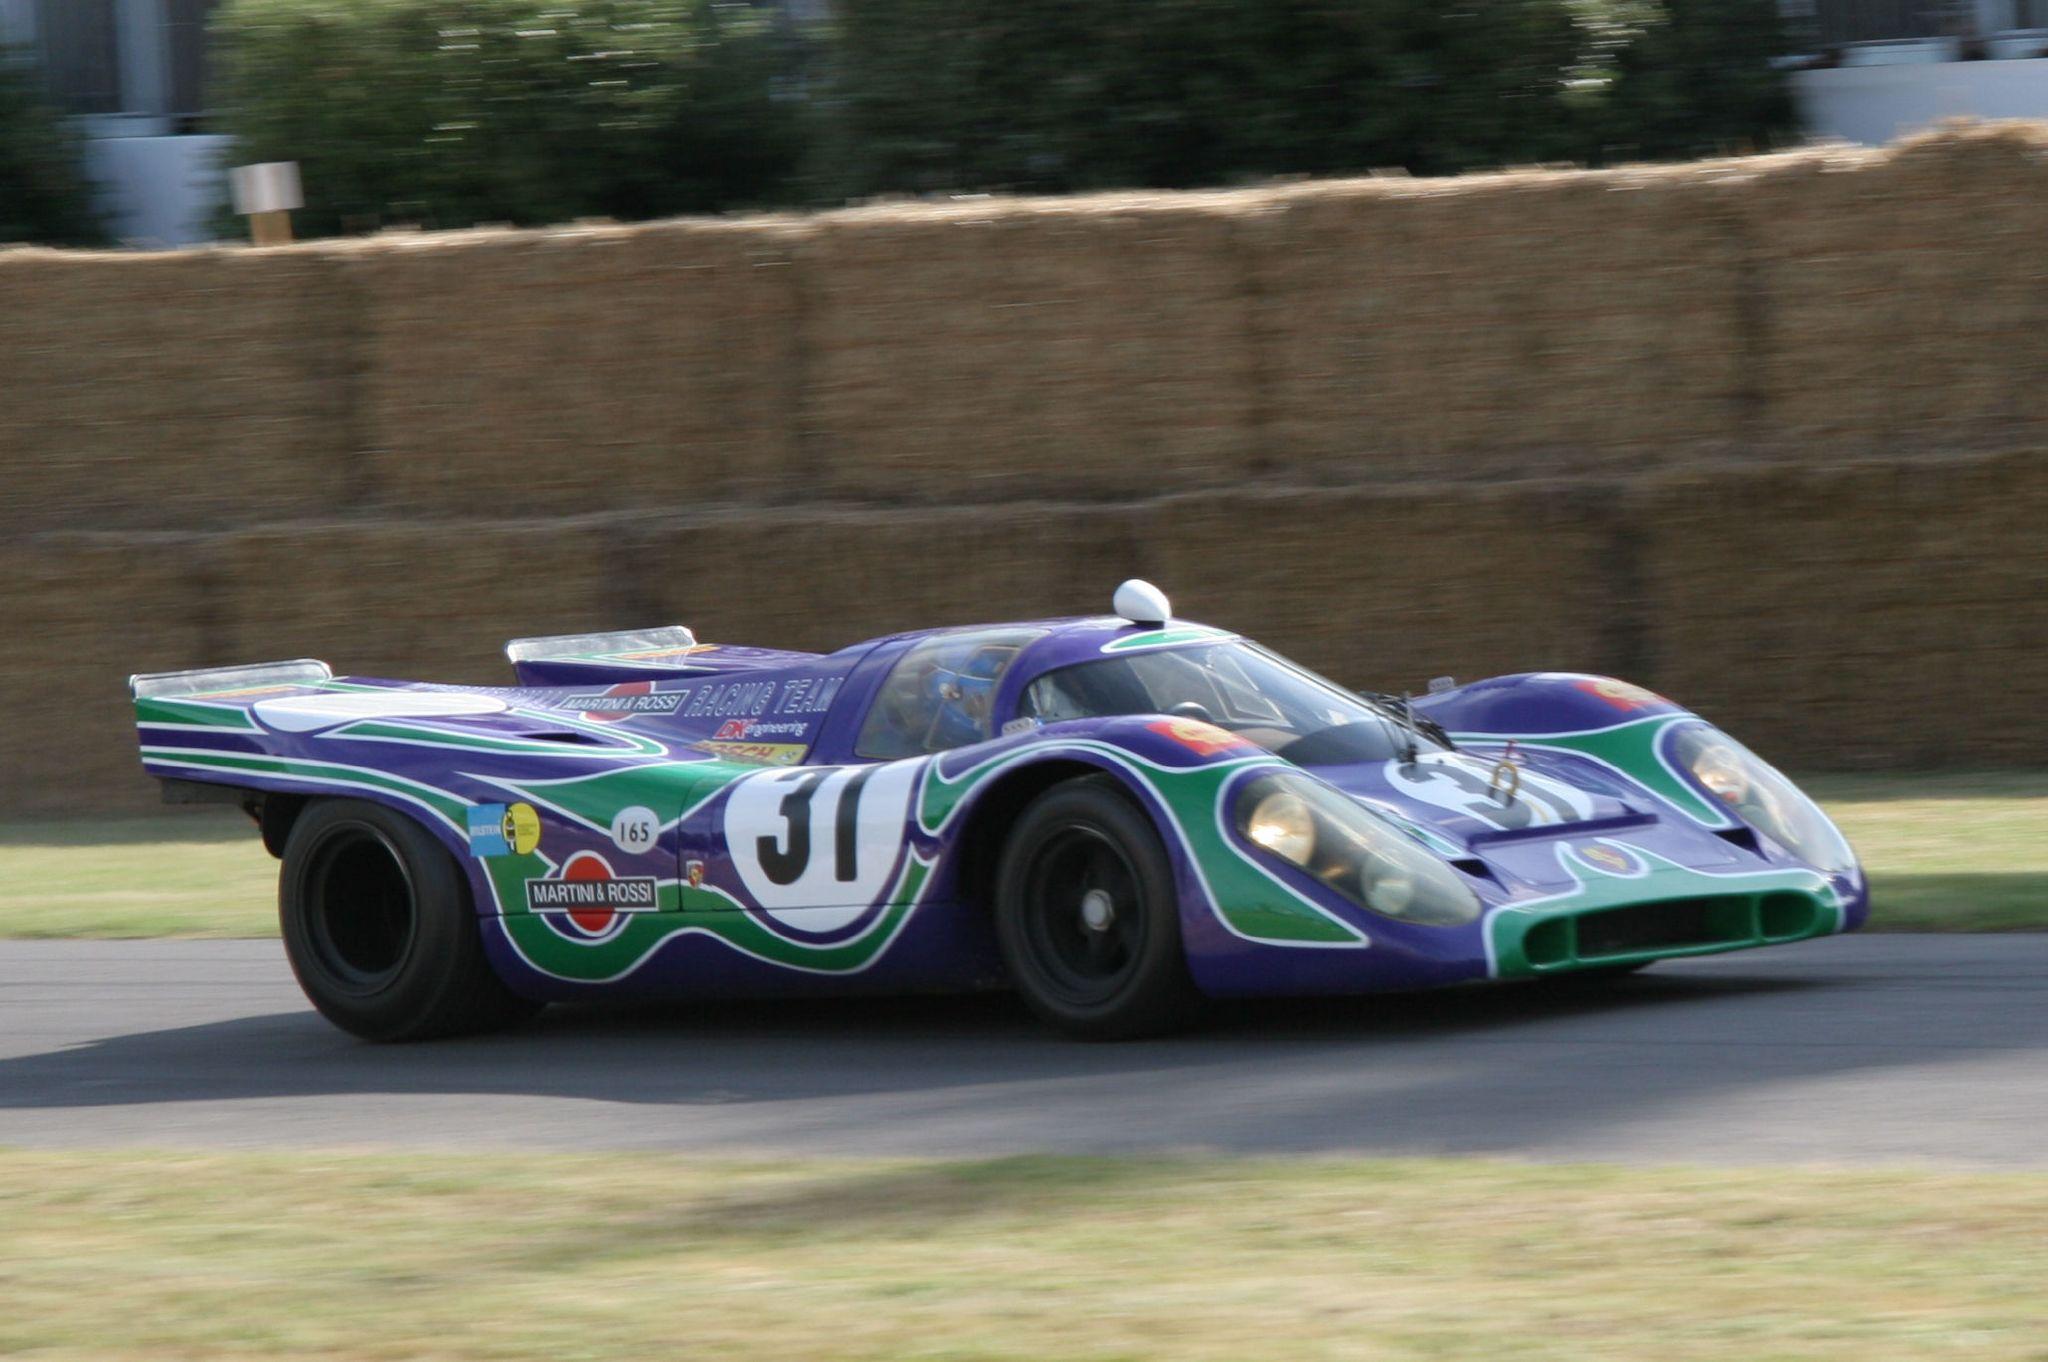 Porsche Green Race Car Check Out These Porsches Http